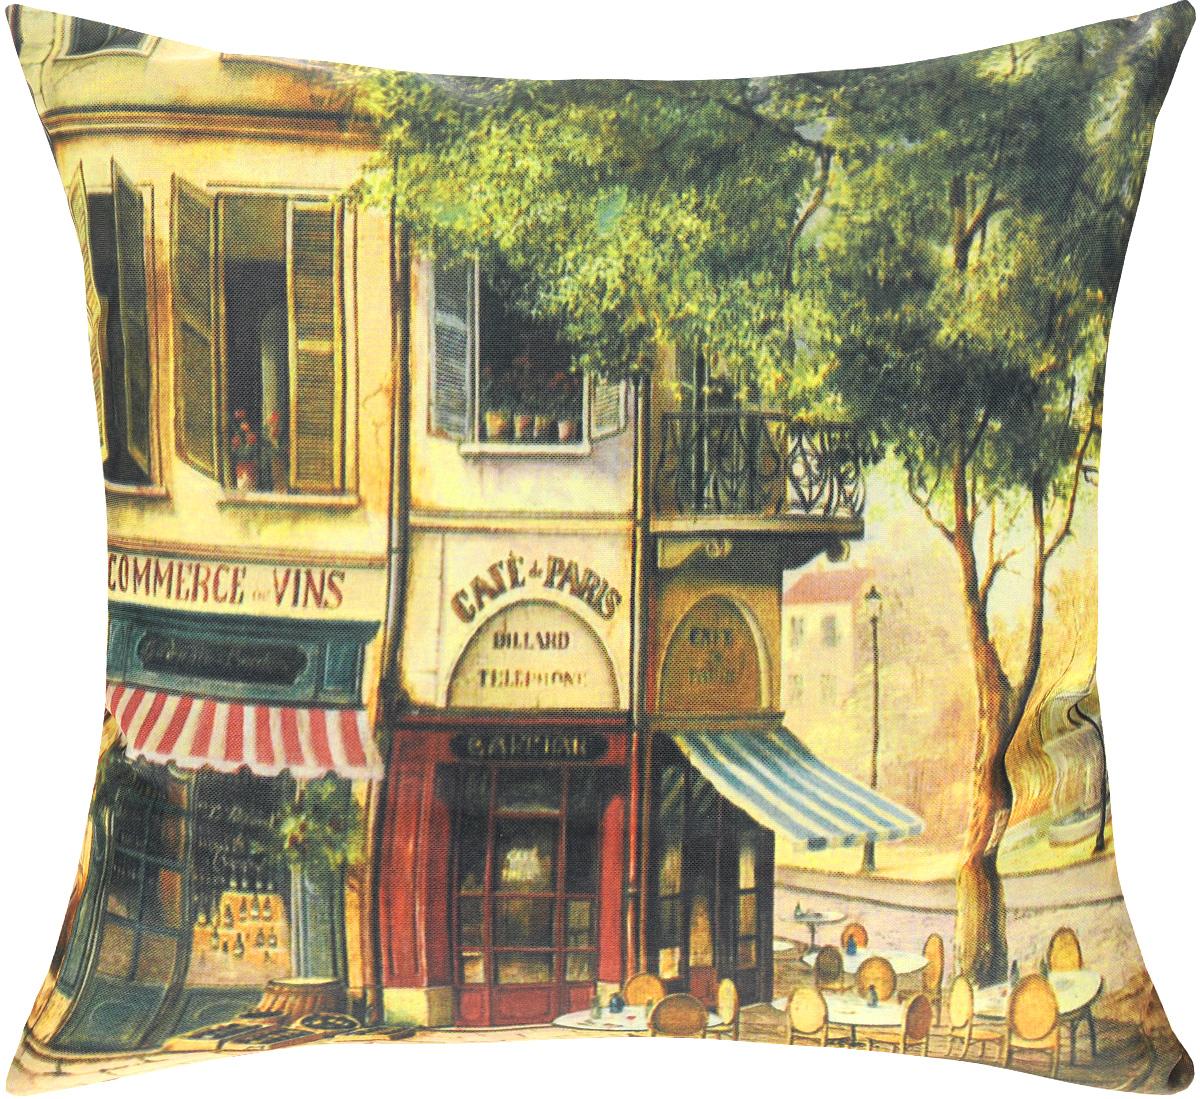 Подушка декоративная GiftnHome Парижское кафе, 40 х 40 cм391602Декоративная подушка GiftnHome Парижское кафе - это яркое украшение вашего дома. Чехол выполнен из ткани Оксфорд и украшен красочным изображением. Внутренний наполнитель подушки - холлофайбер. Чехол застегивается на молнию.Красивая подушка создаст в доме уют и станет прекрасным элементом декора.